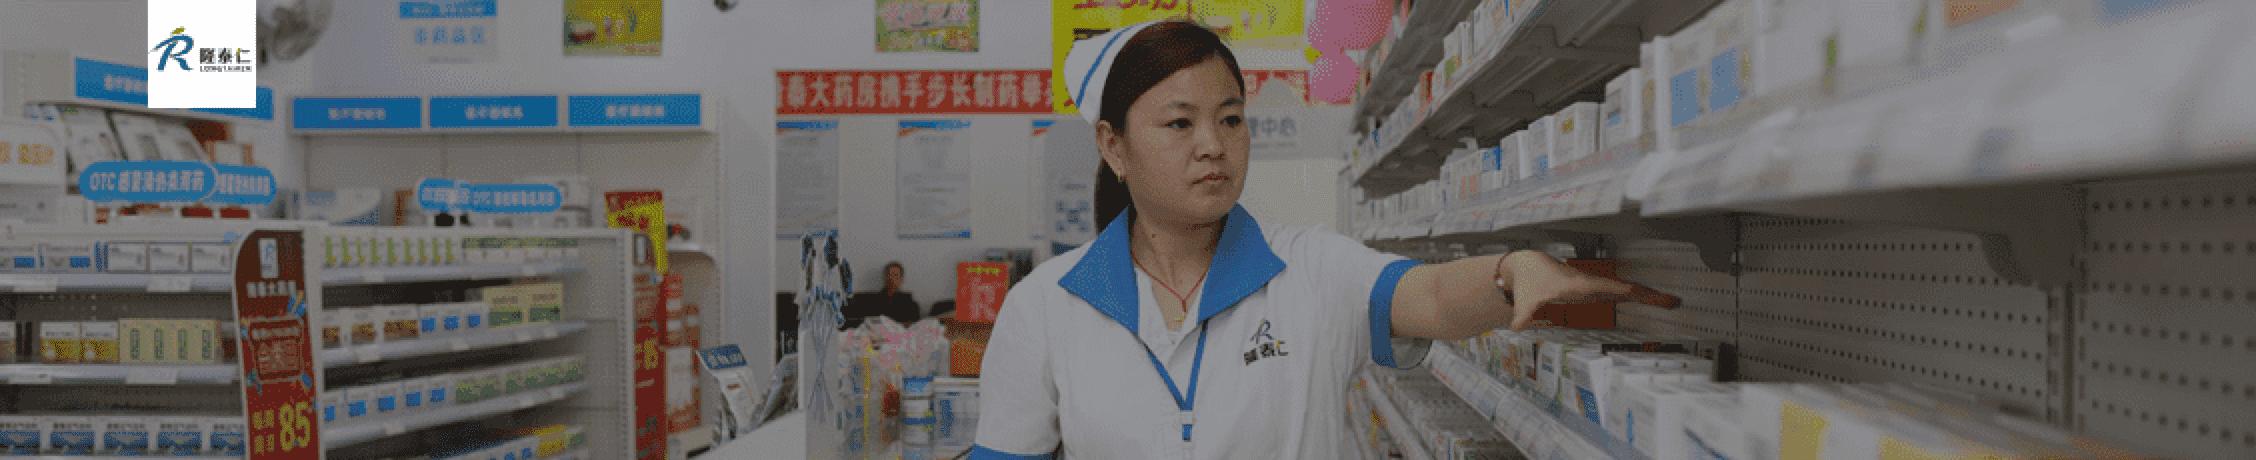 隆泰仁实业股份有限公司